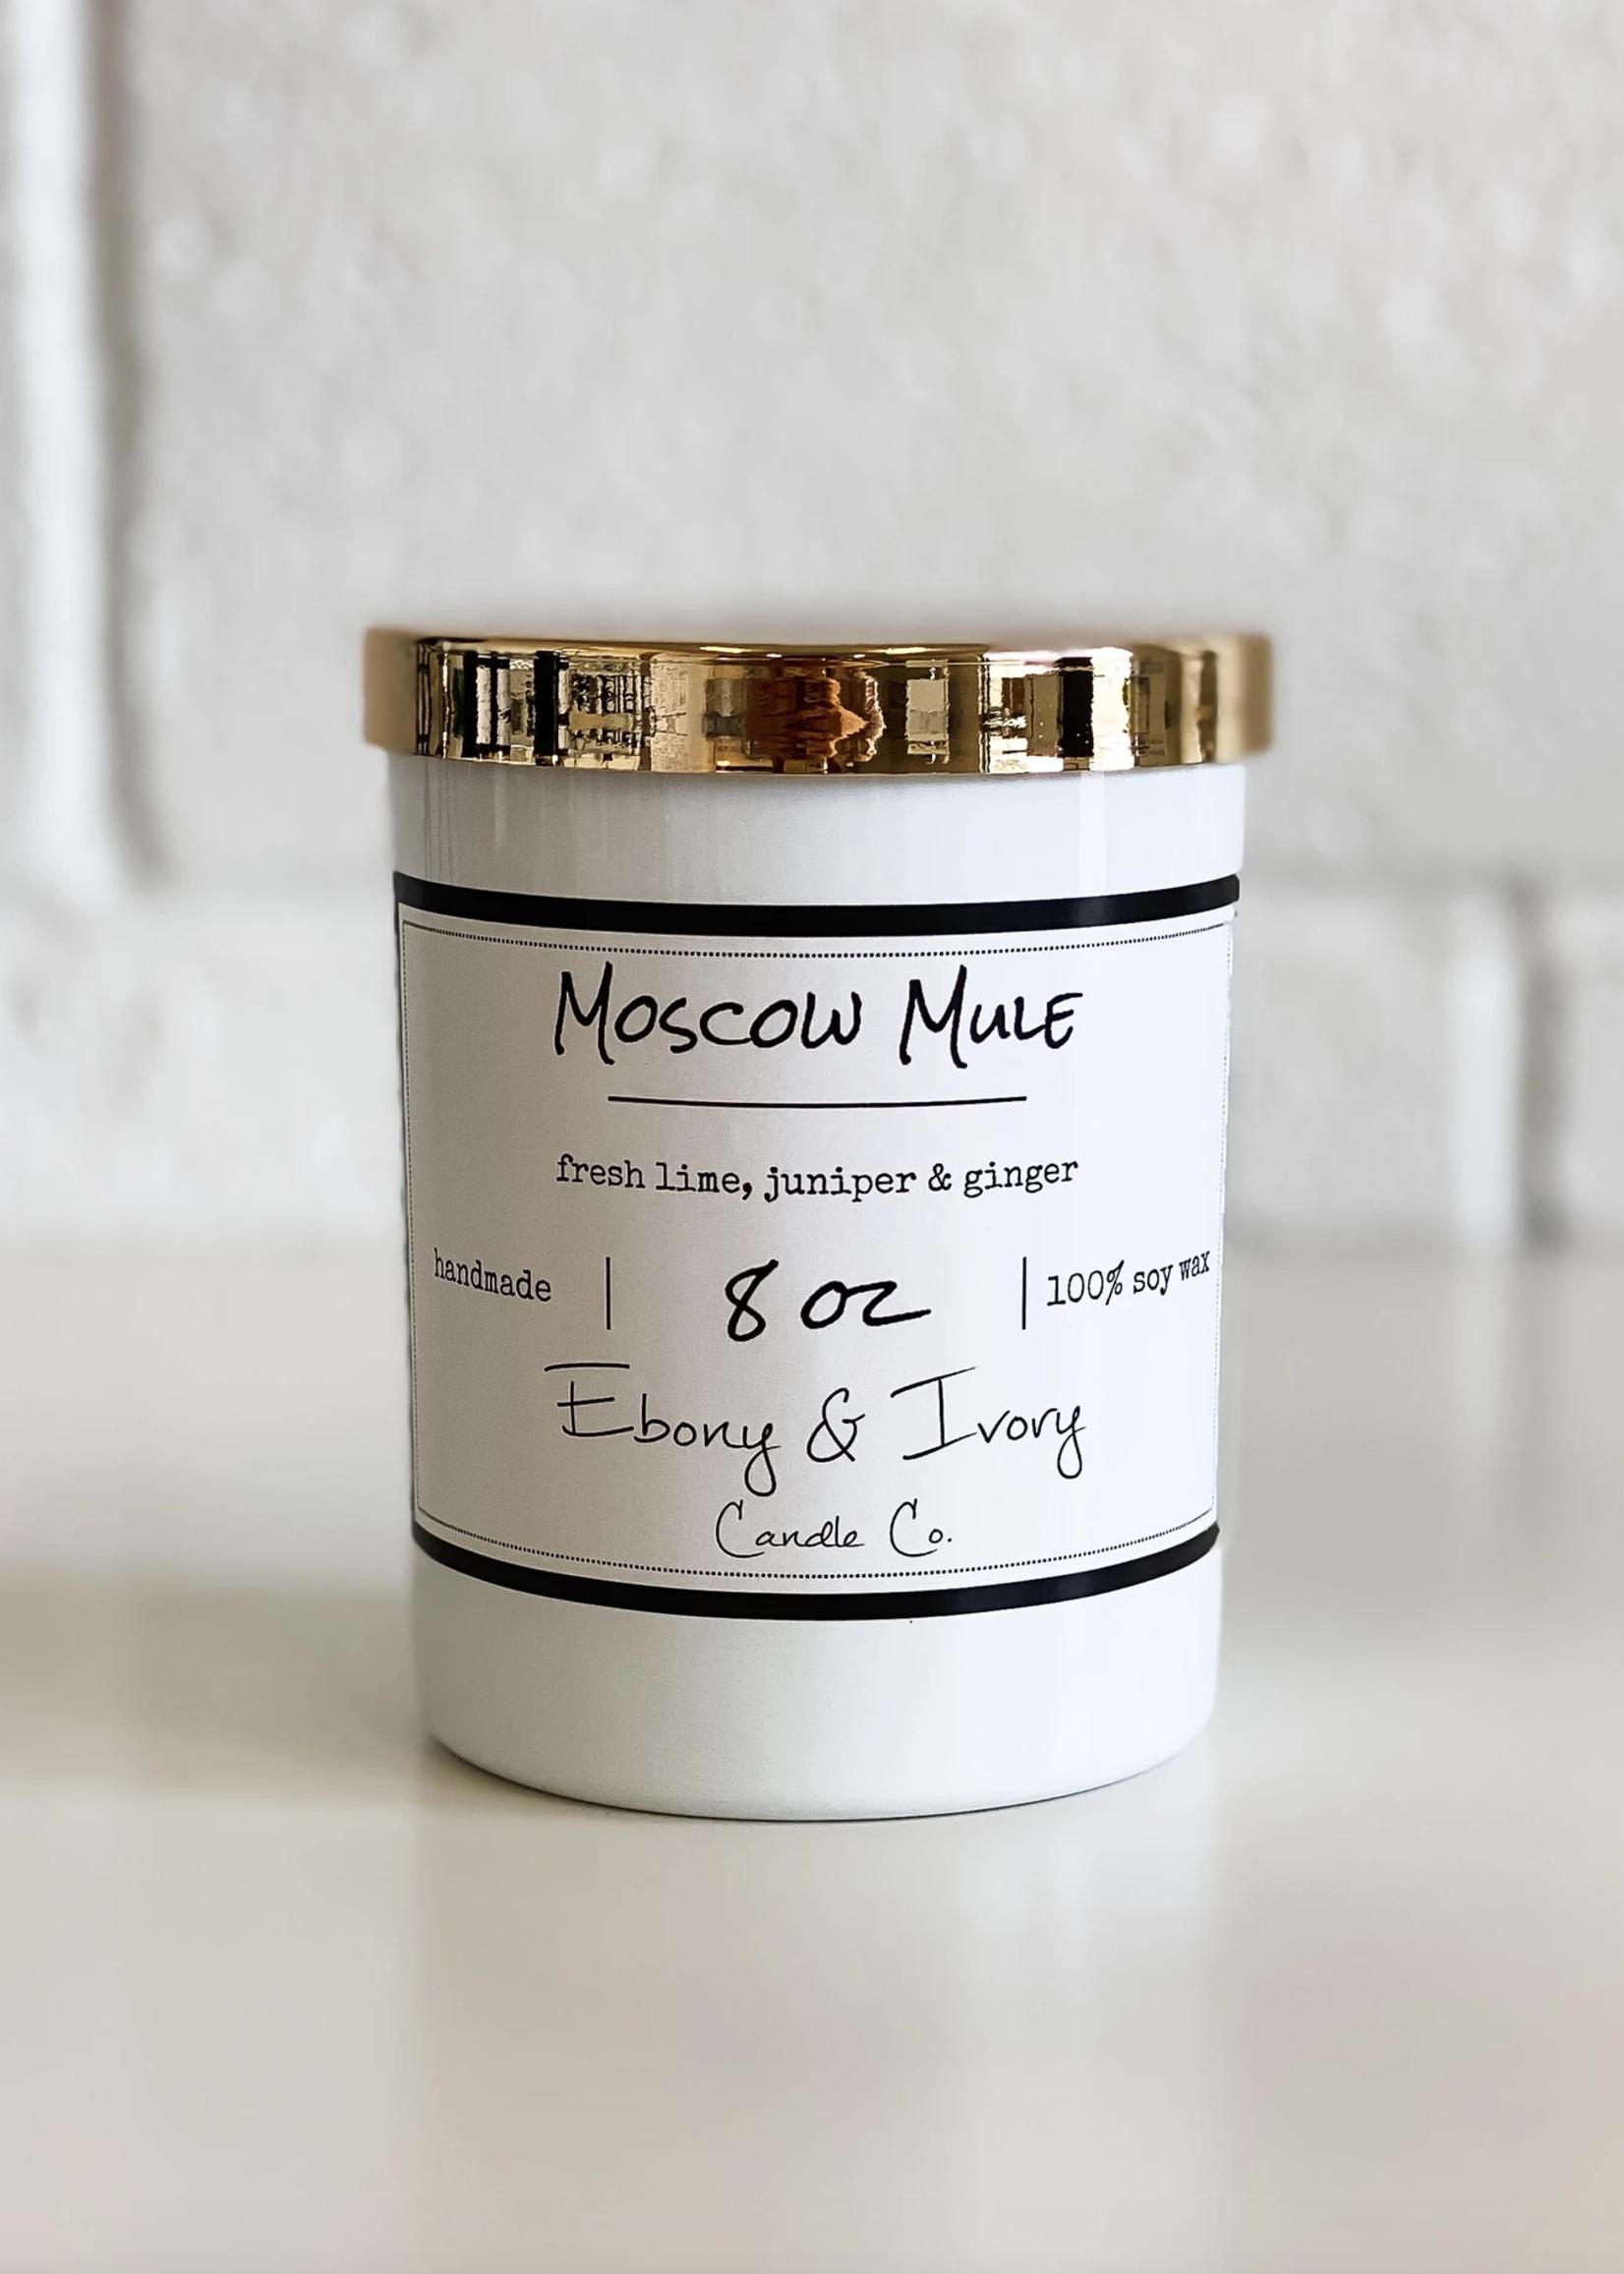 Ebony & Ivory Candle Co. Moscow Mule- 8oz